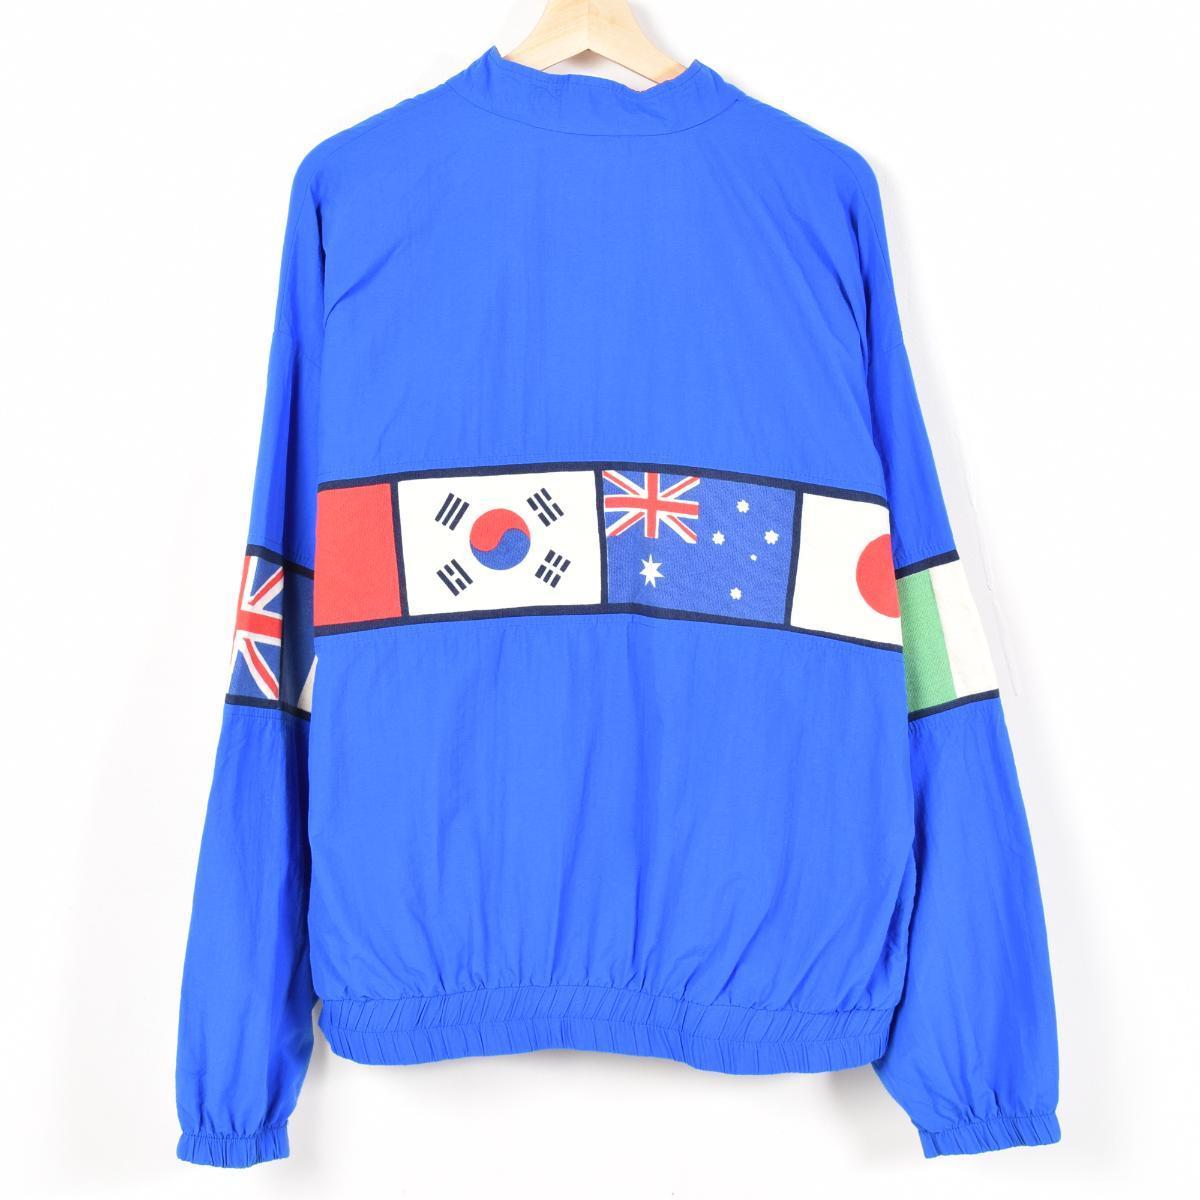 国旗图案尼龙夹克男装 XL 圣地亚哥 SPORTA 1541 /wev2747